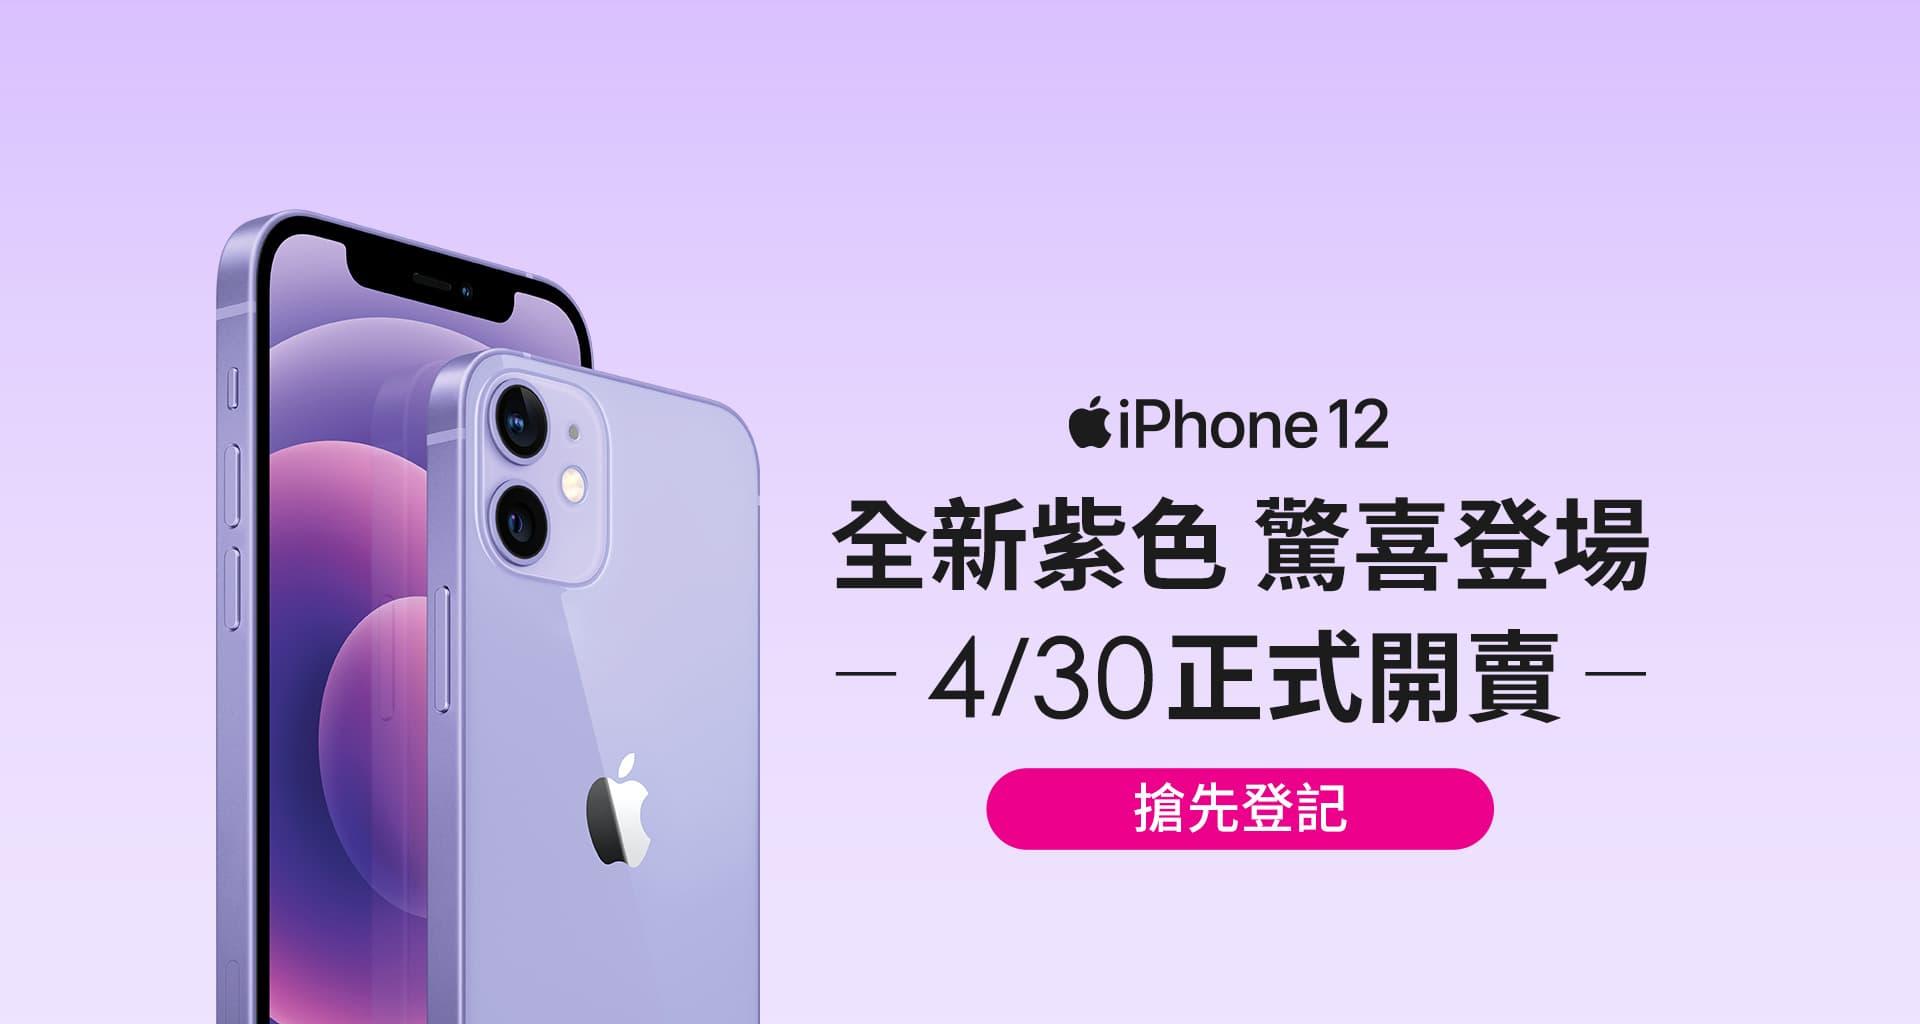 台灣之星iPhone 12 和 12 mini 紫色預購/開賣、優惠活動